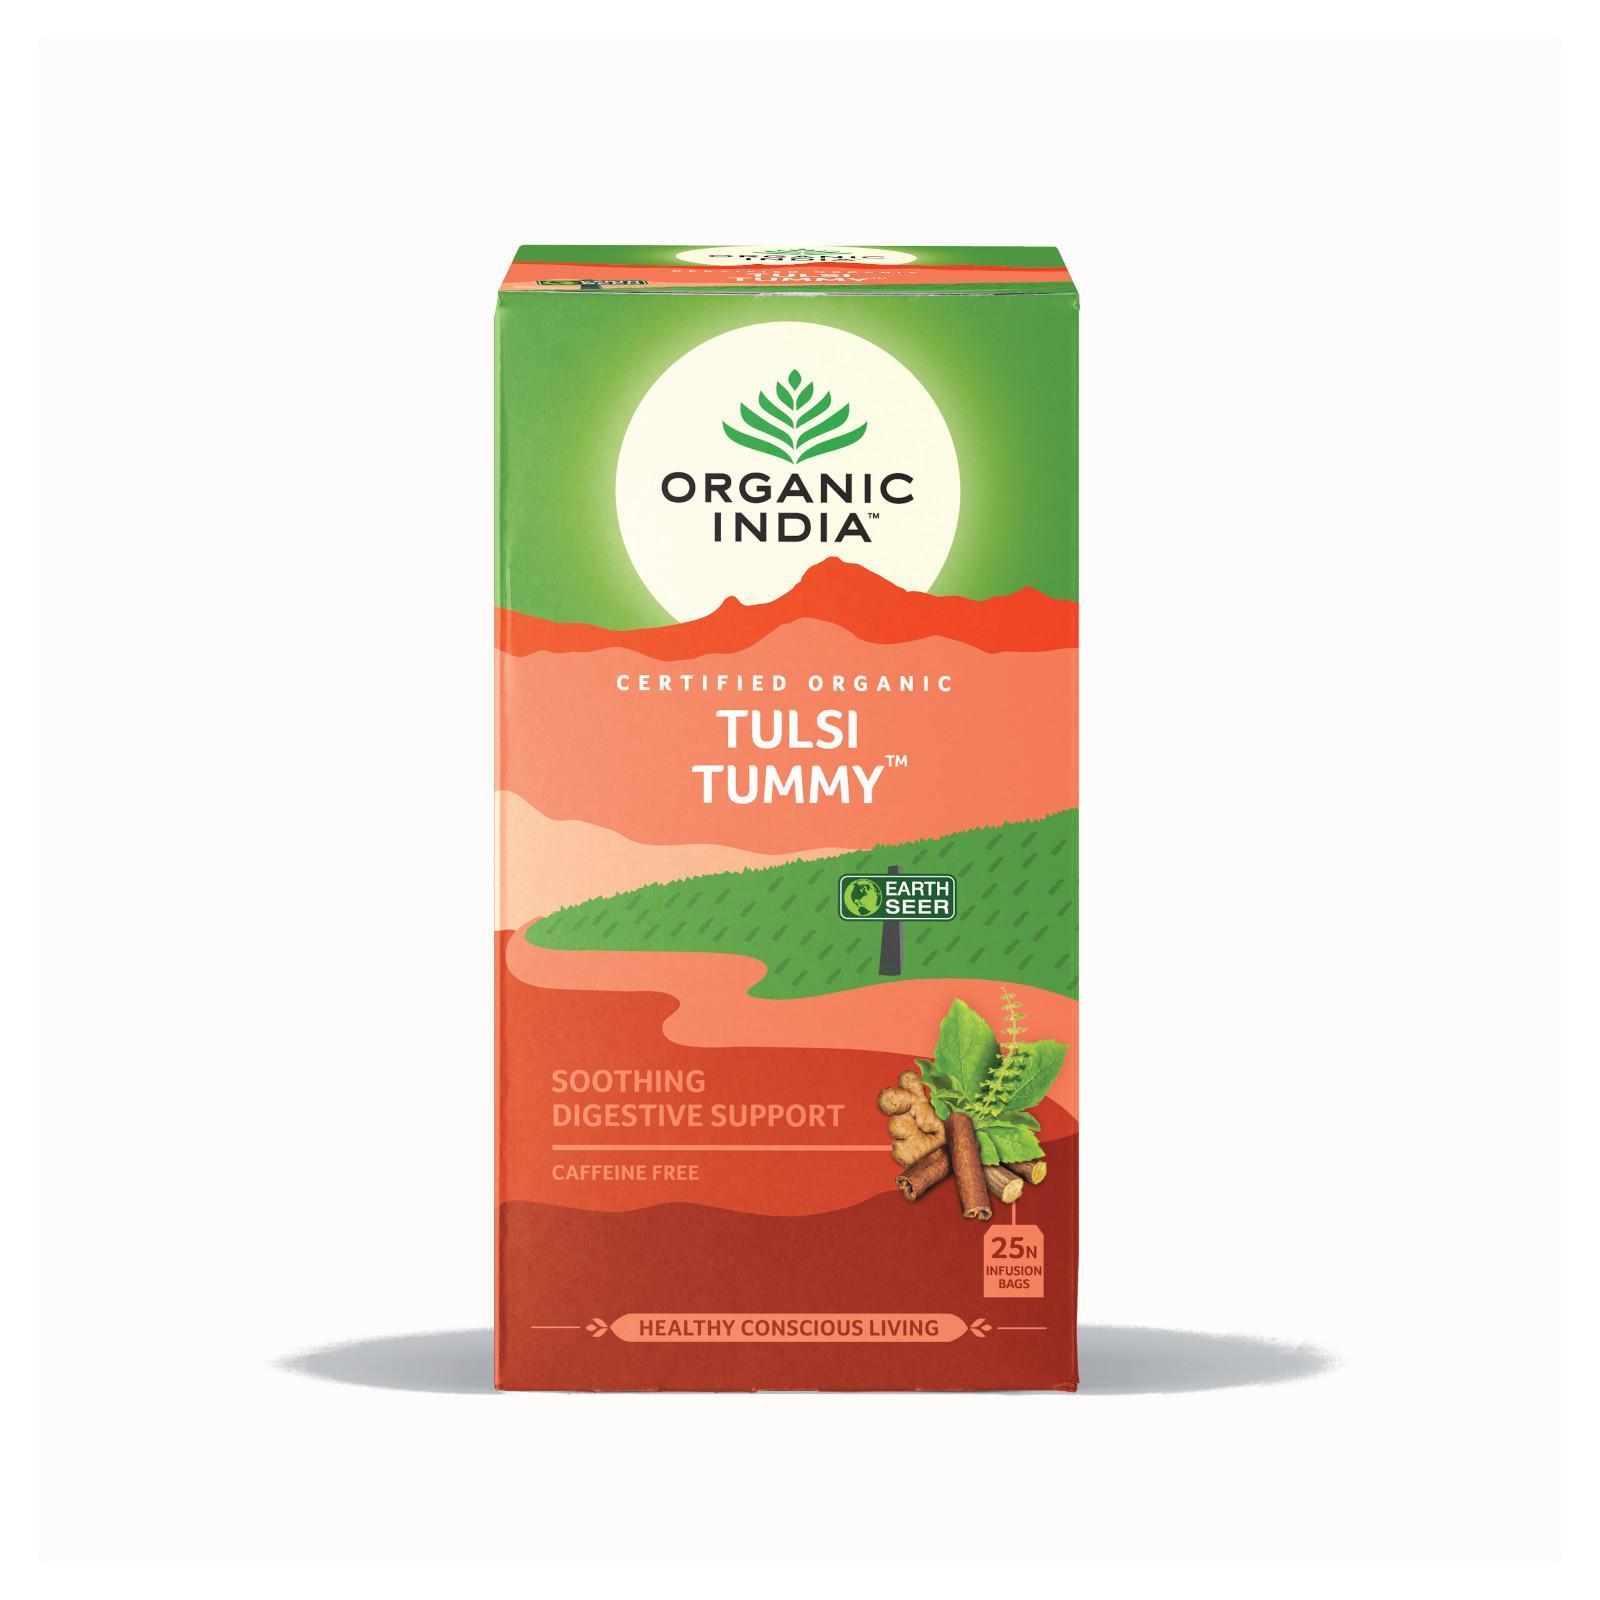 Organic India Čaj Tulsi Tummy pro správné trávení, bio 32,4 g, 25 ks